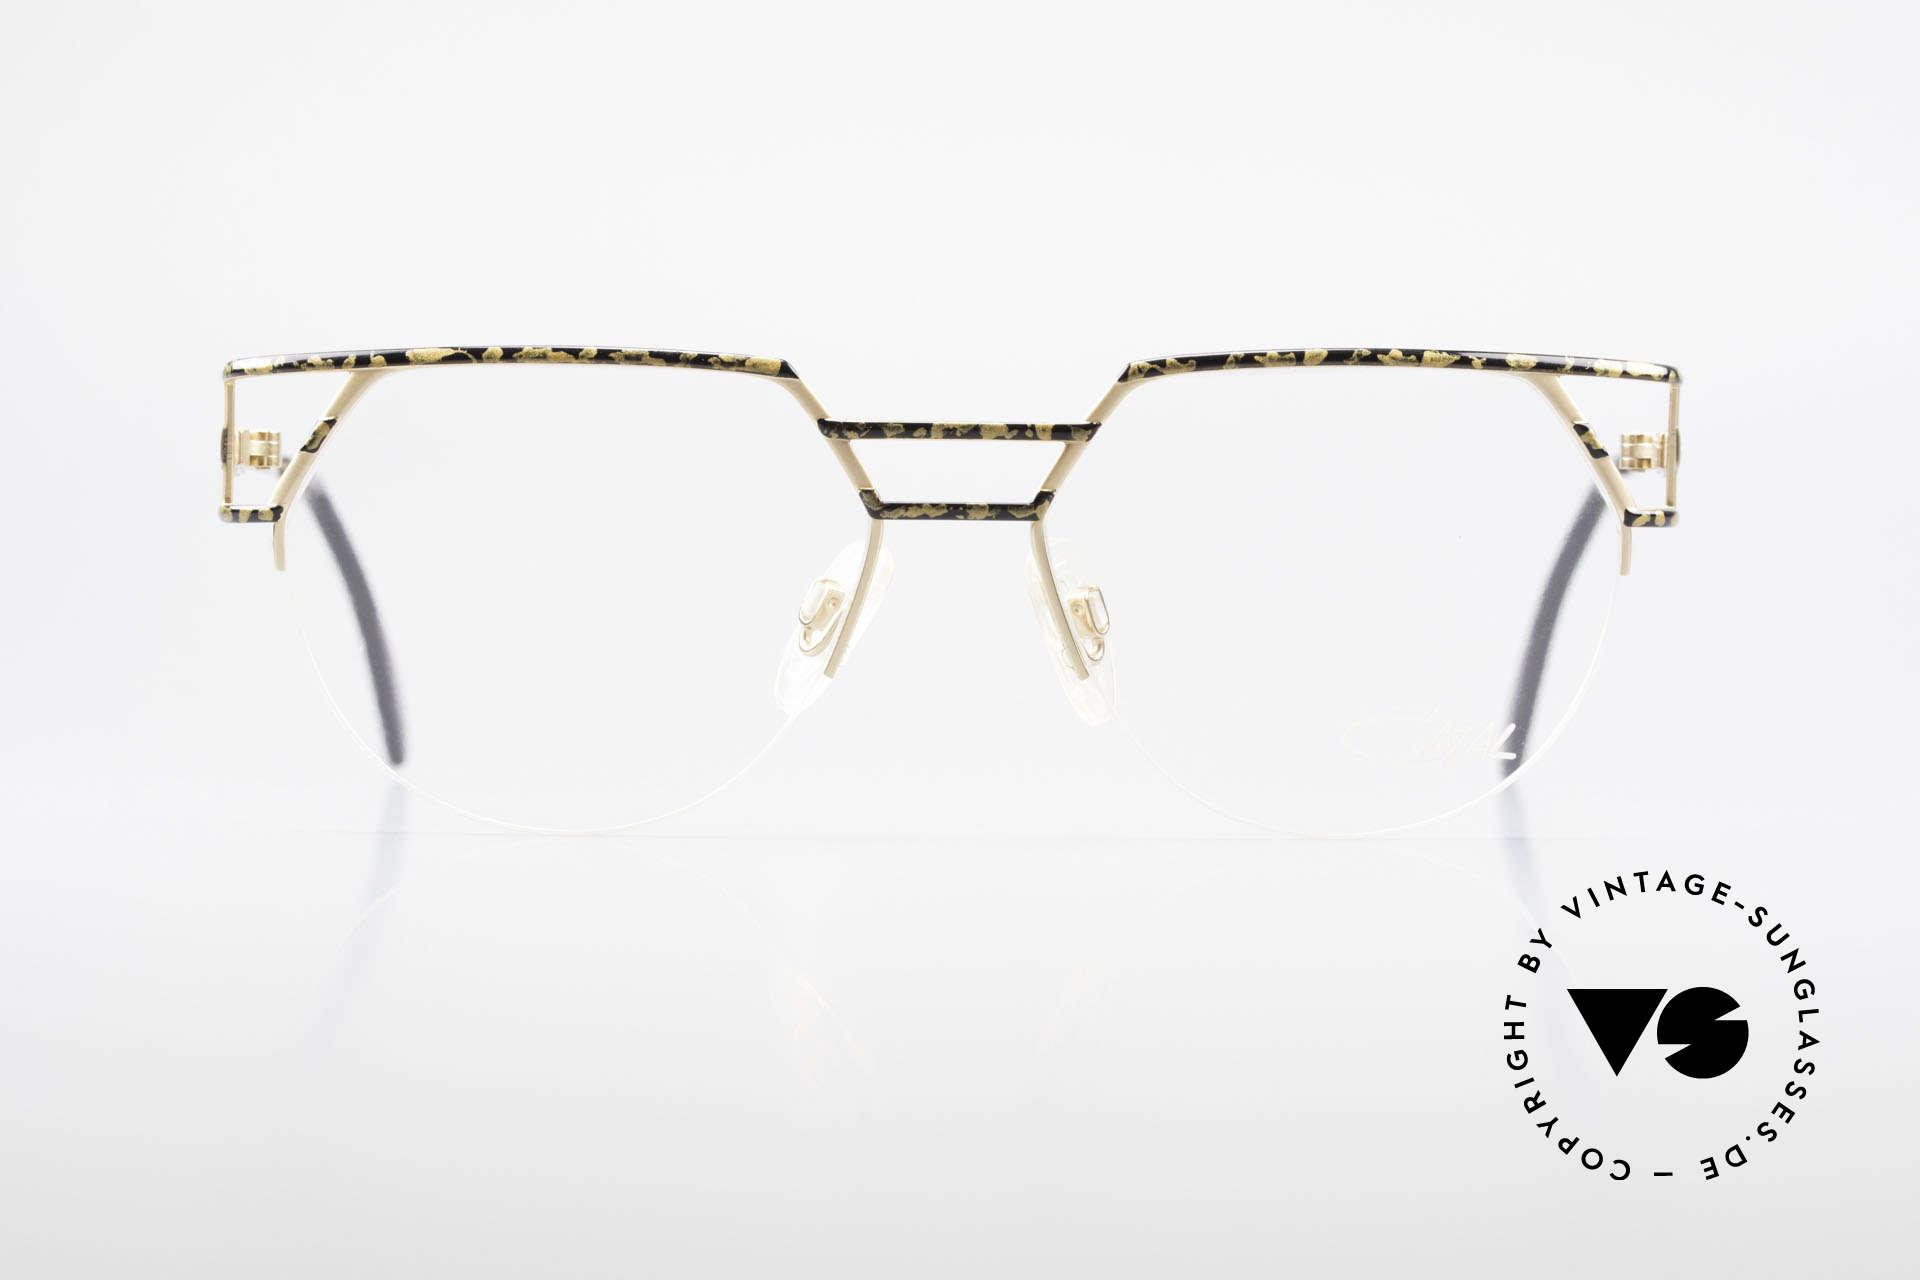 Cazal 248 90er No Retro Originalbrille, halb rahmenlos in TOP-Qualität (made in Germany), Passend für Herren und Damen